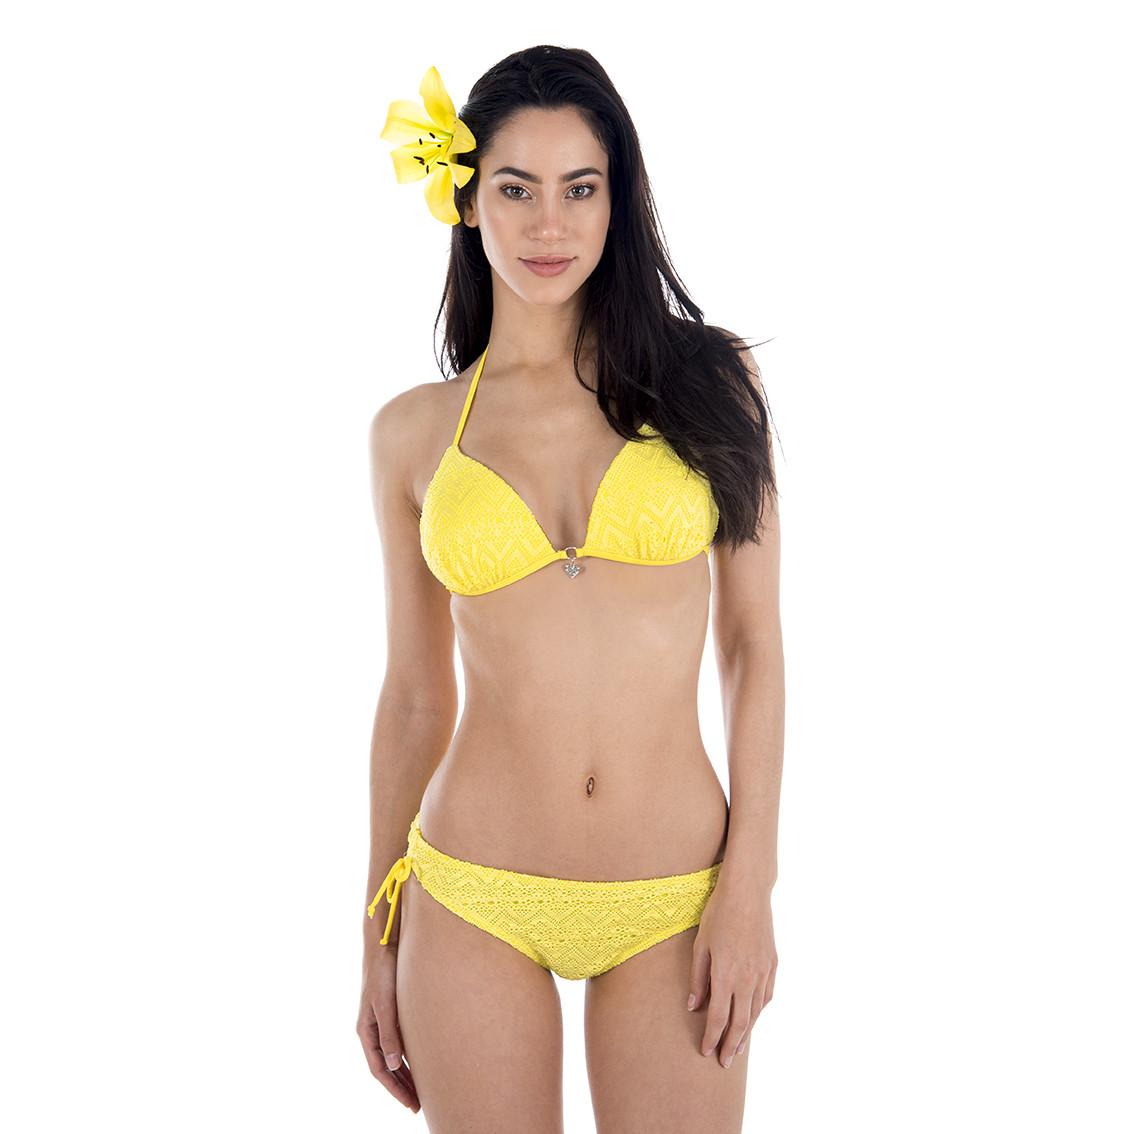 Maillot de bain femme miss freegun 2 pièces jaune